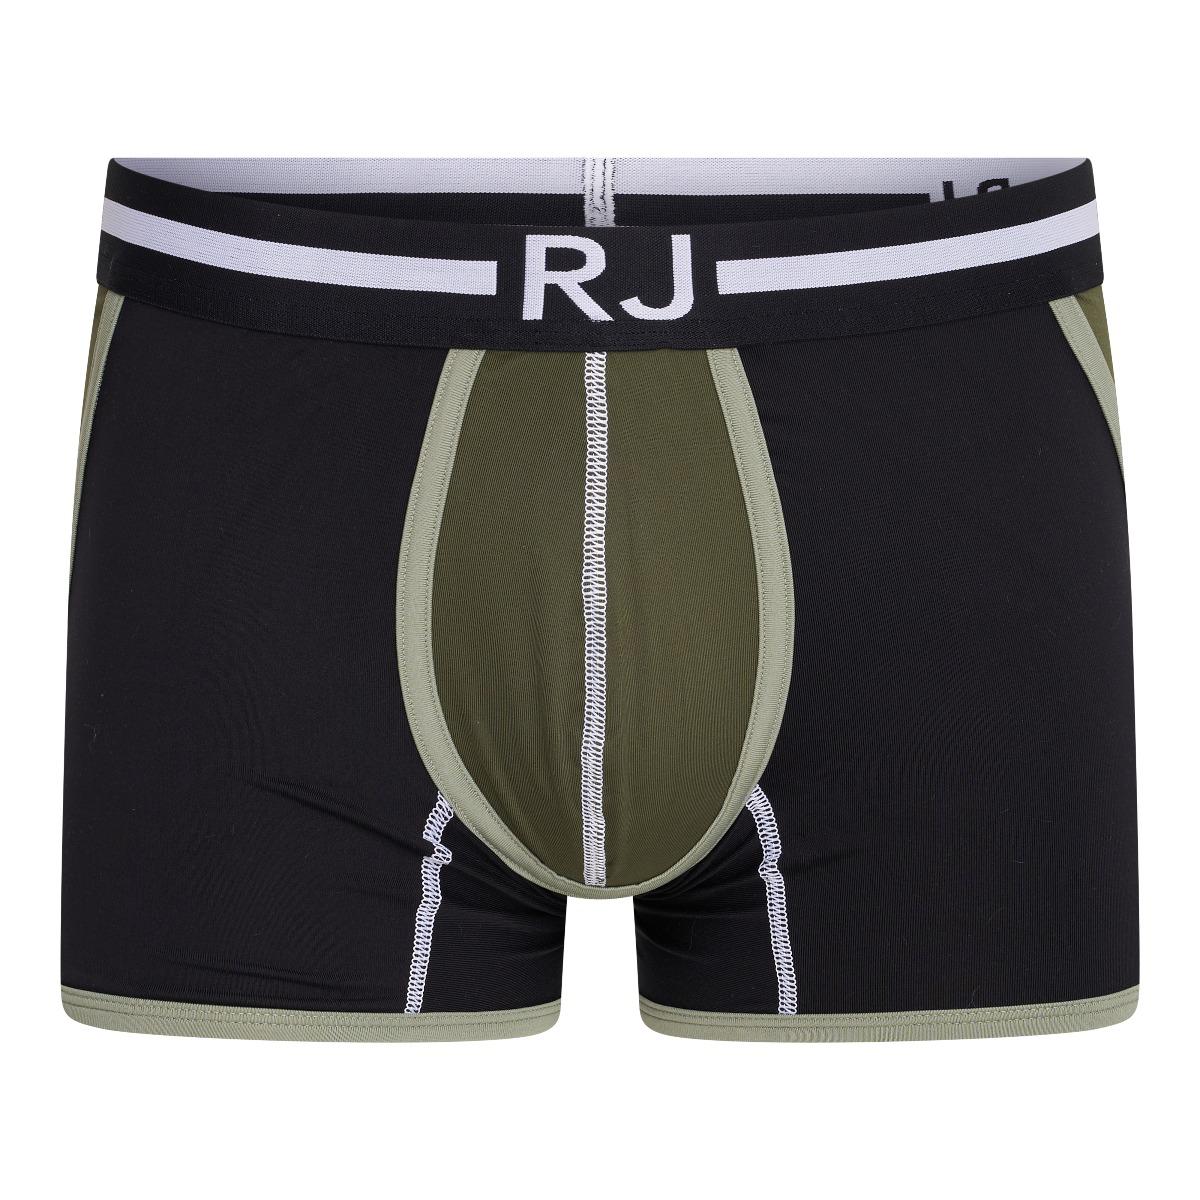 RJ Pure Color Heren Boxershort 'Happy Balls' Donkergroen L